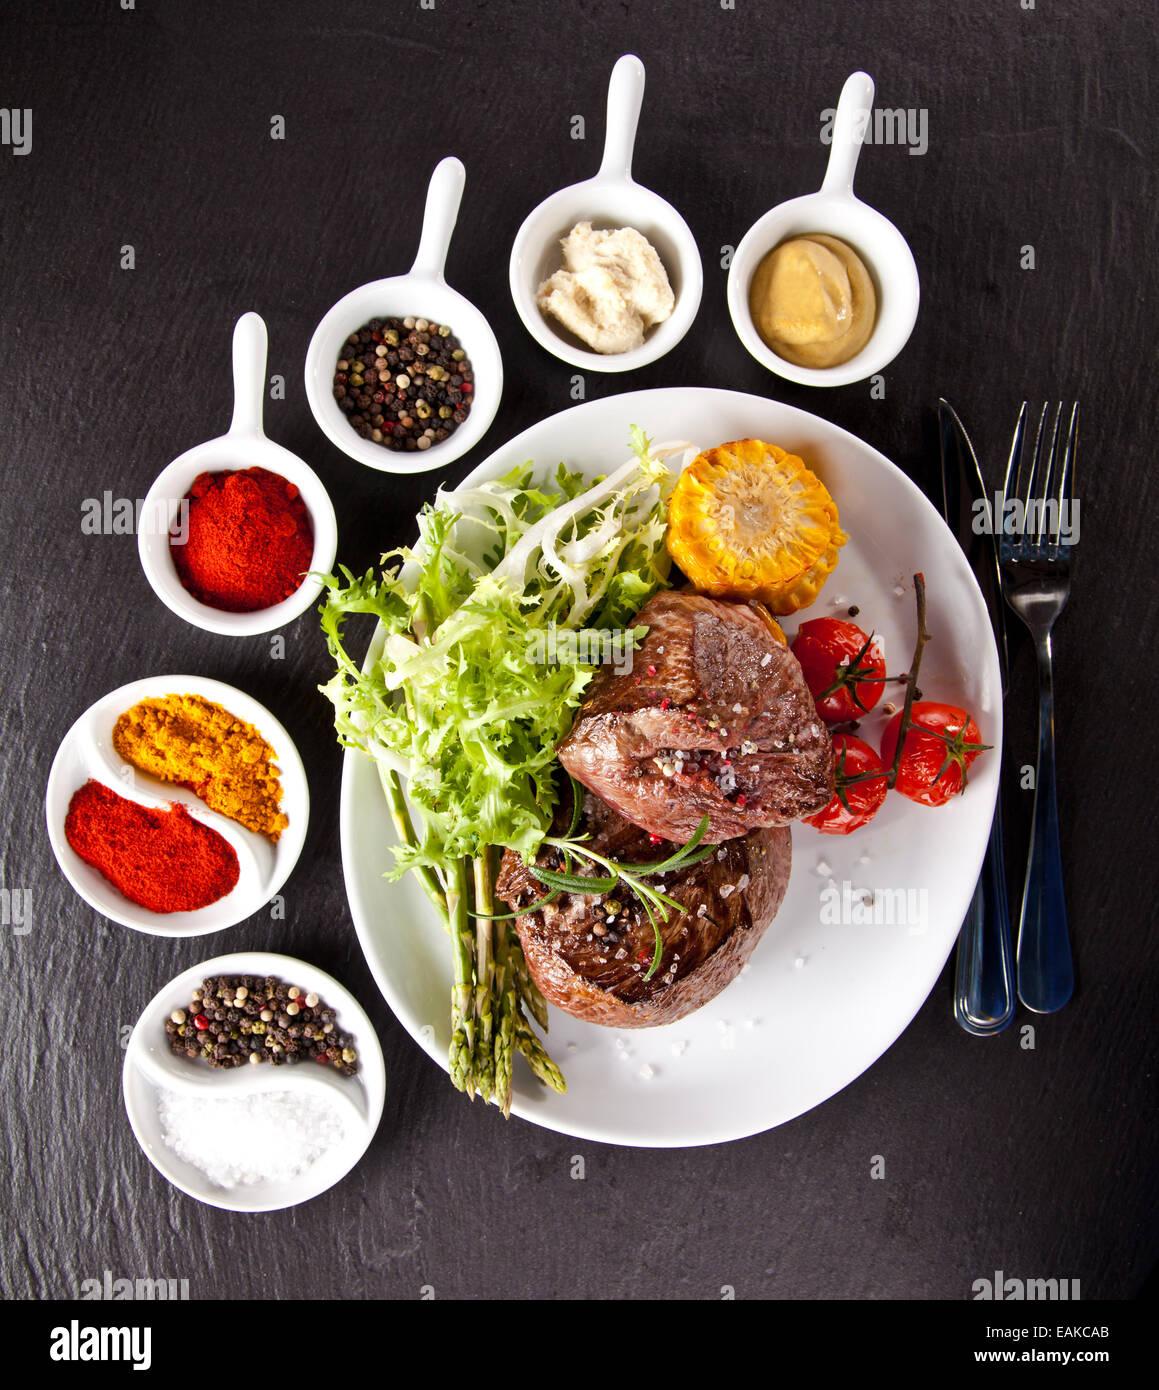 Morceau de viande rouge steak avec des légumes, herbes et épices, servi sur la surface de la pierre noire. Photo Stock